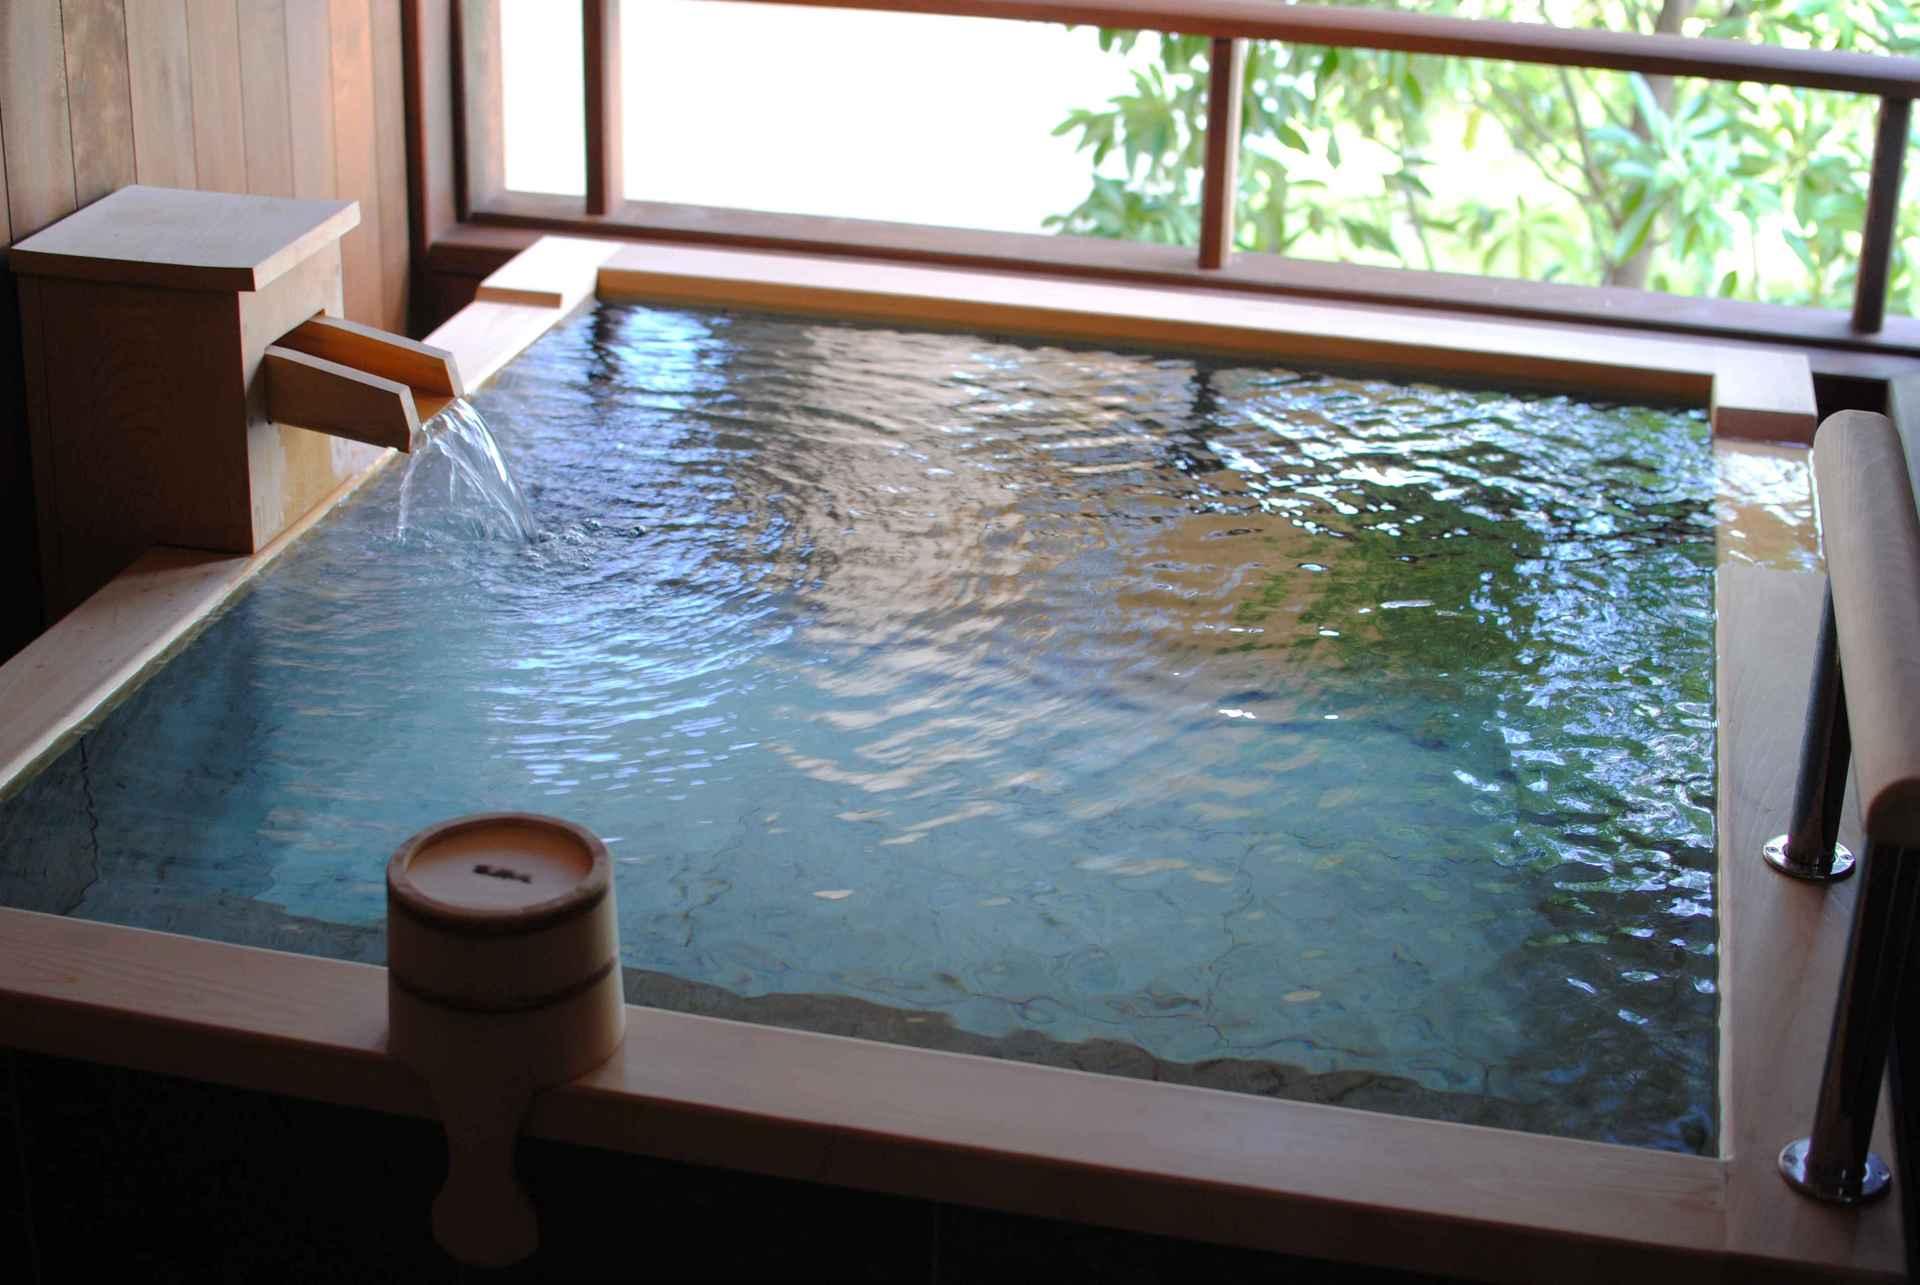 山口市ホテル・旅館おすすめランキングTOP10!温泉でのんびり休もう!